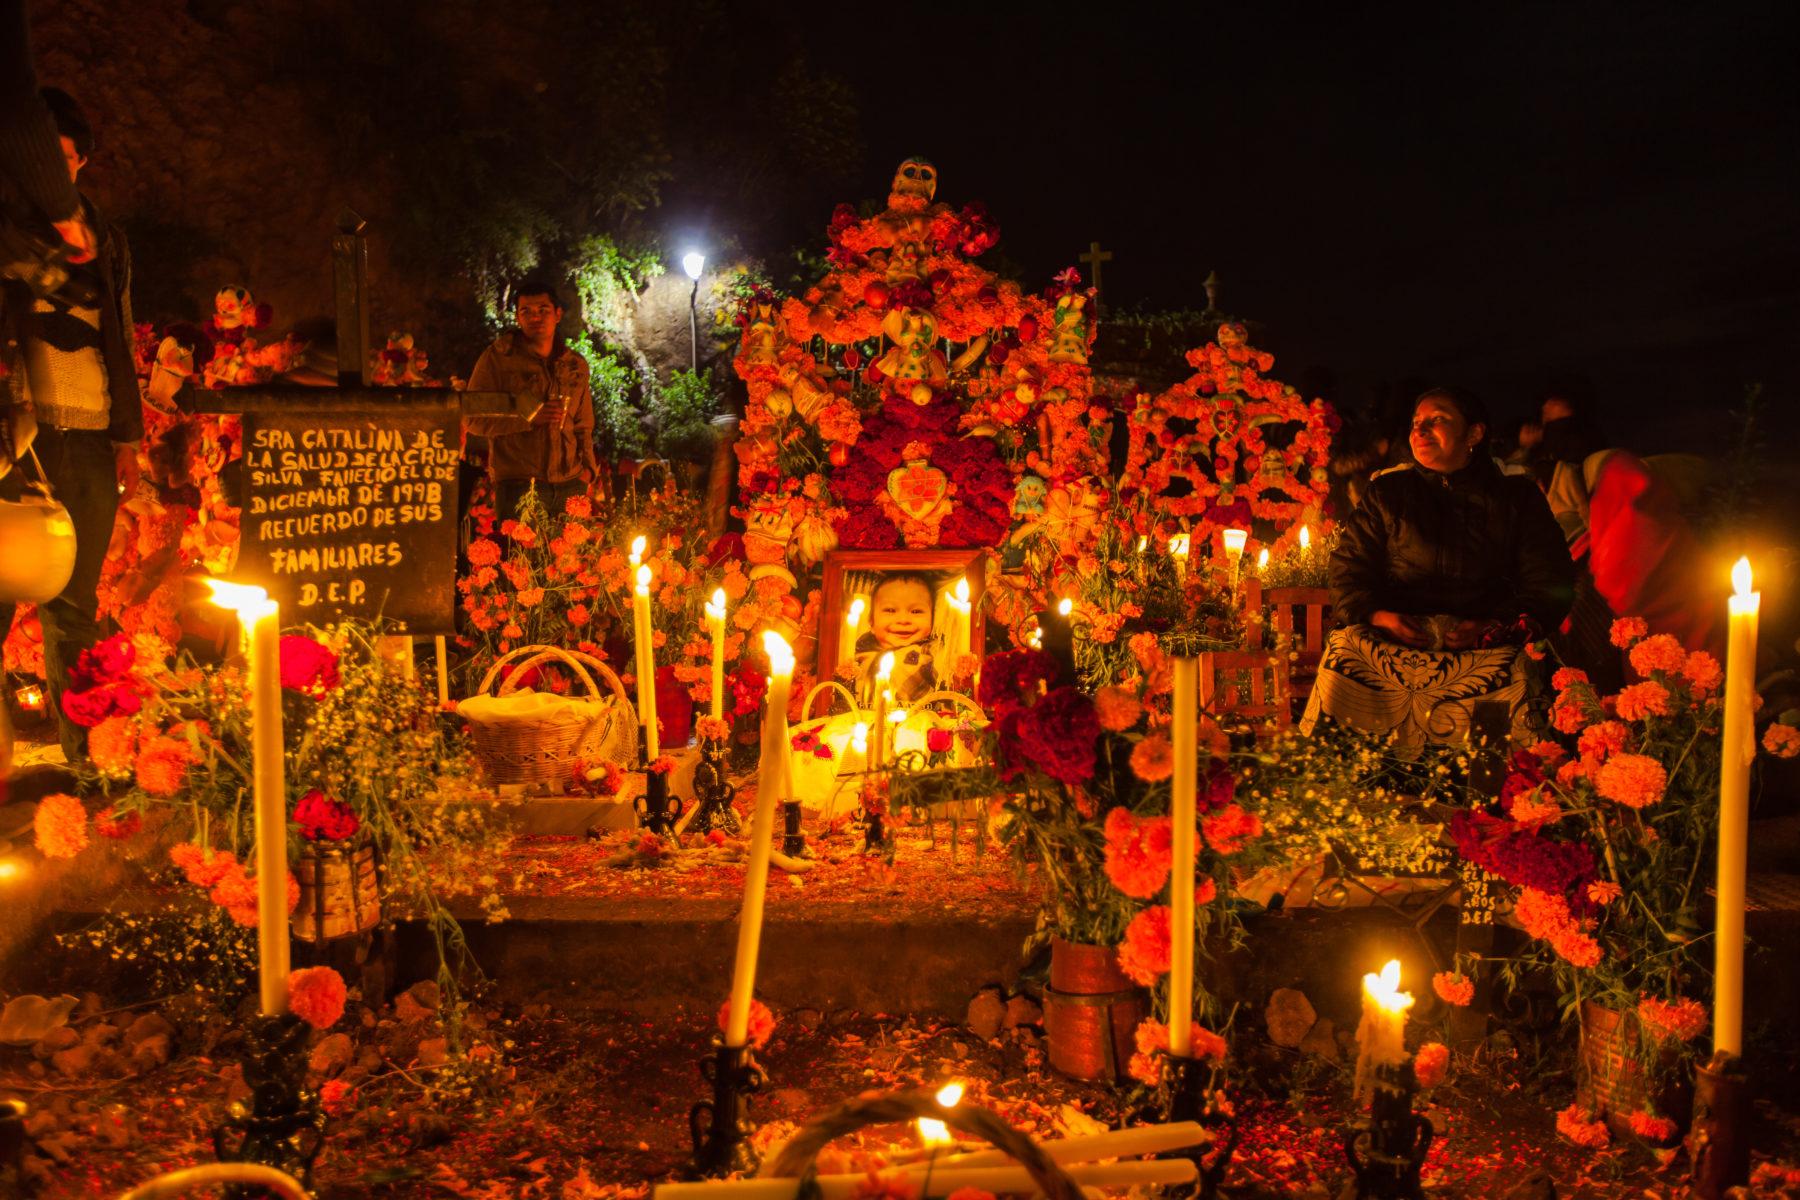 Lugares para celebrar la tradición del Día de Muertos